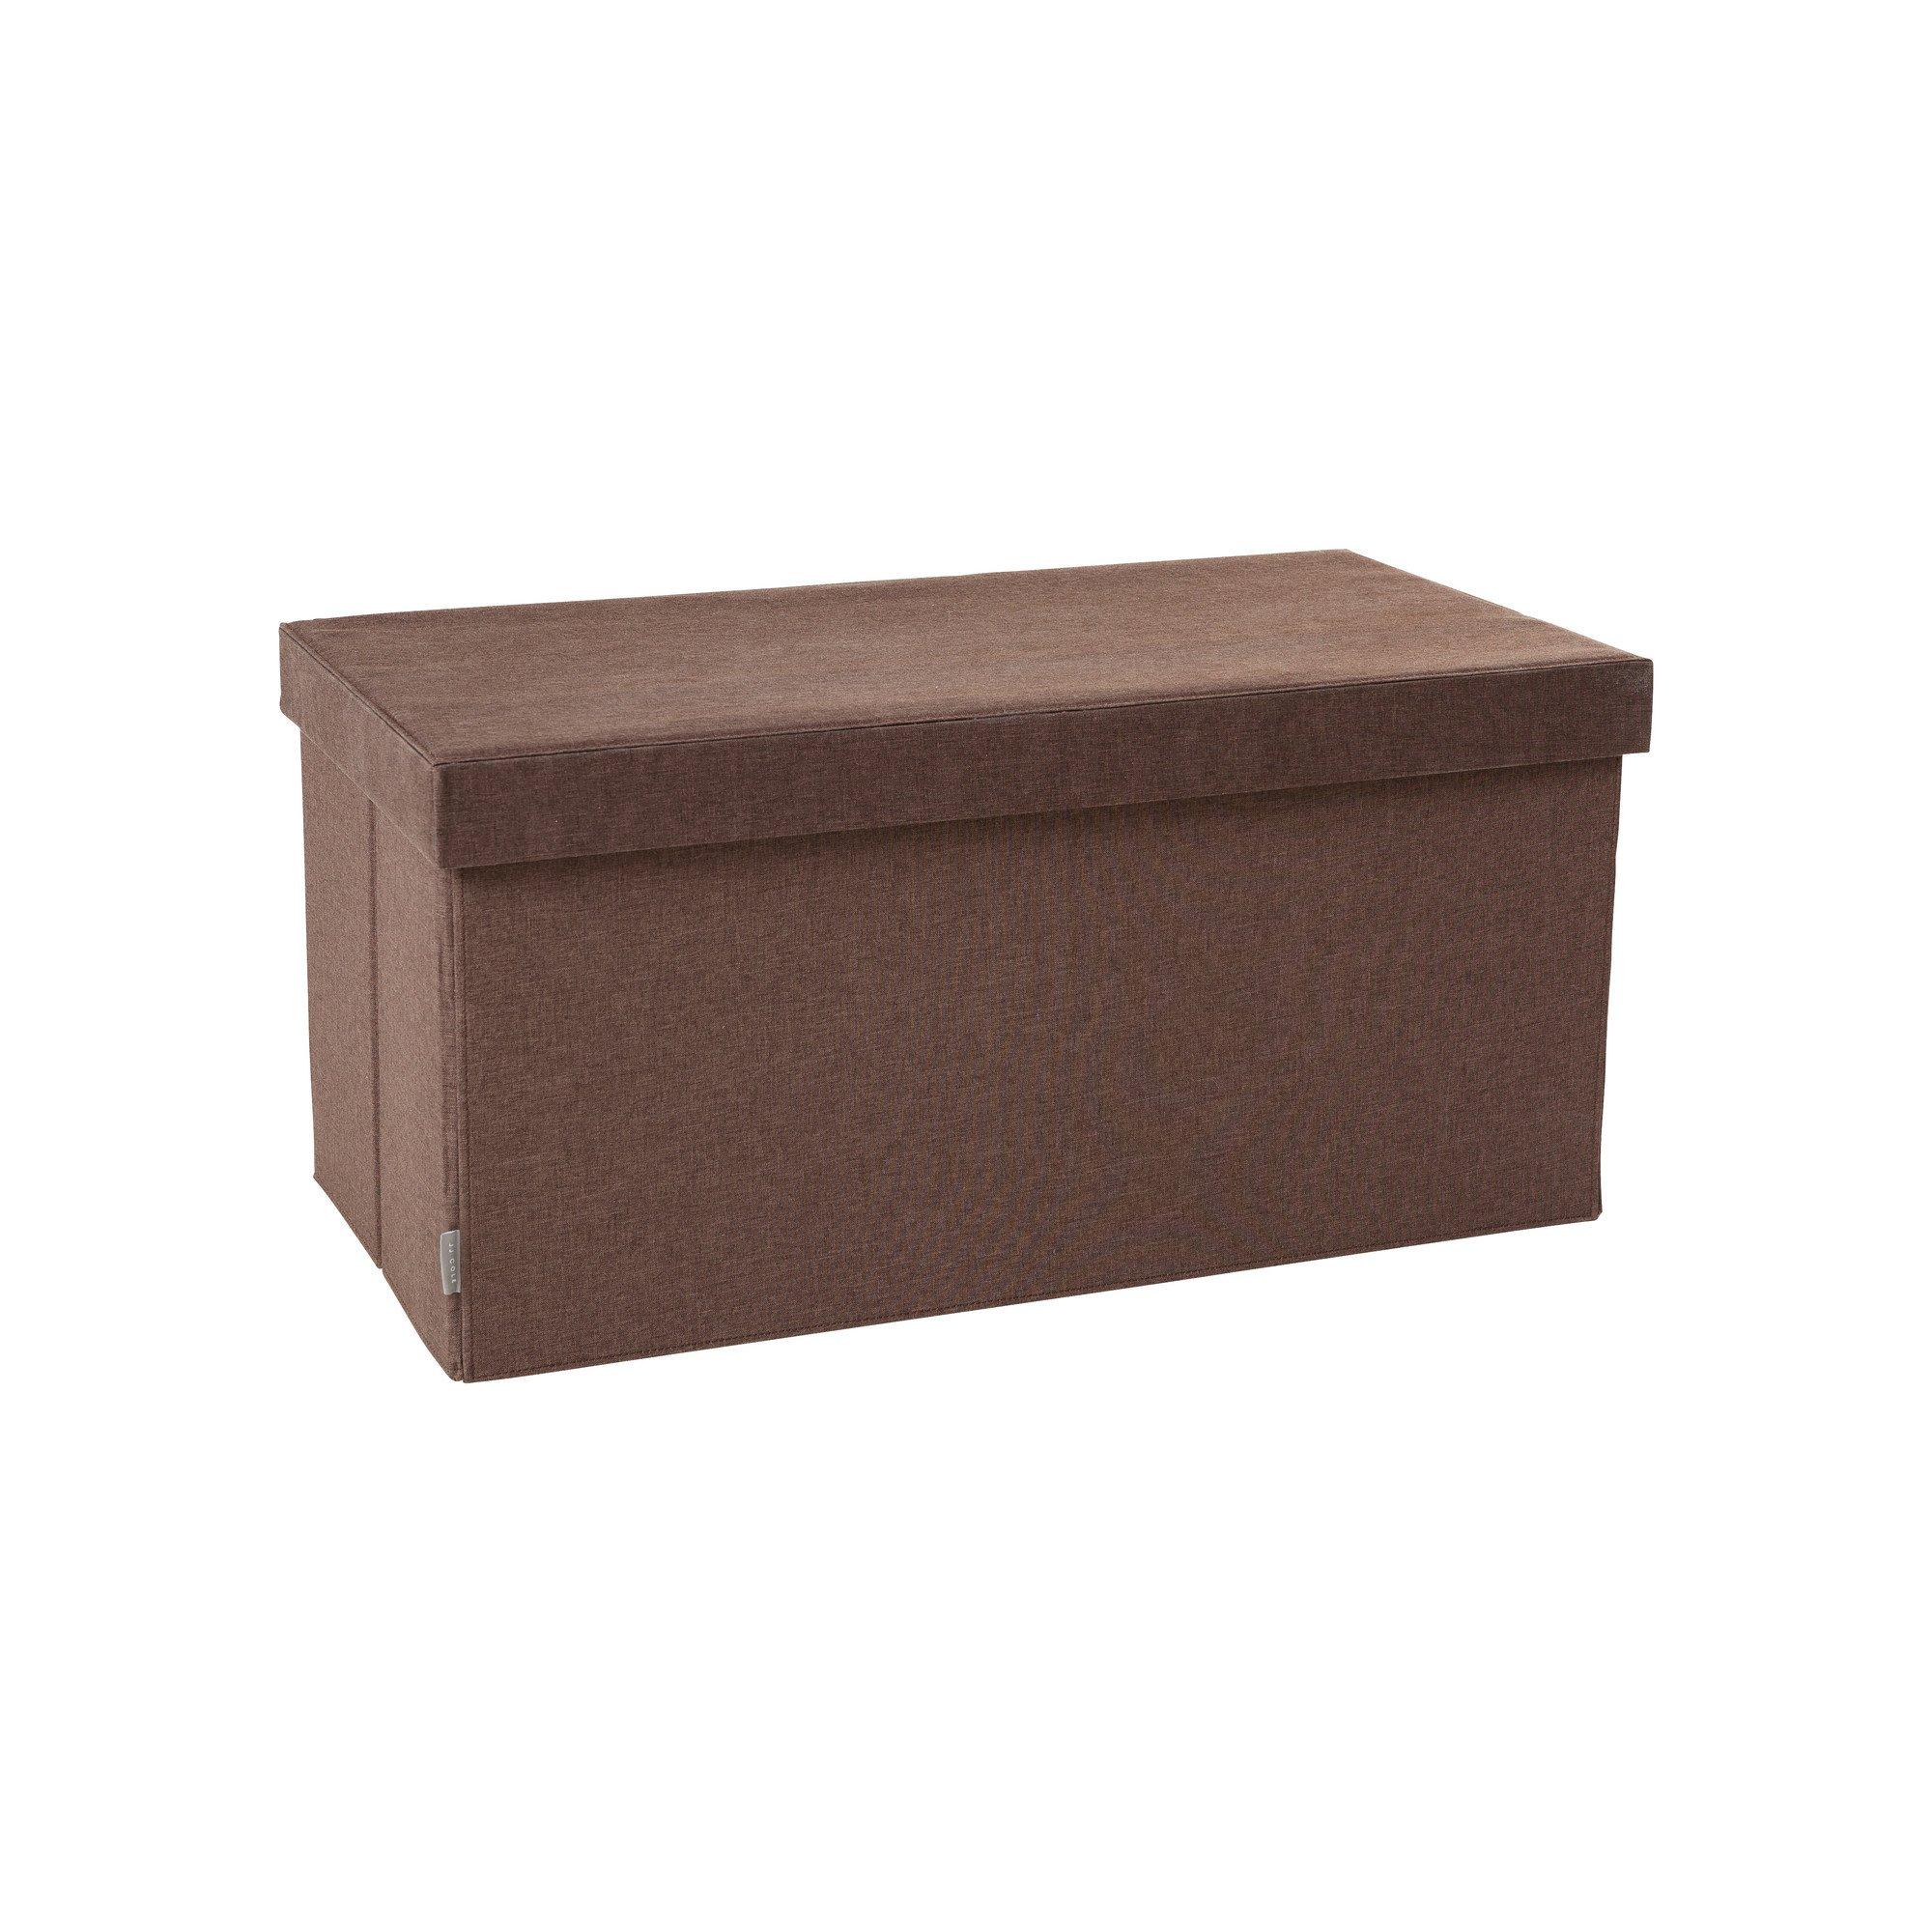 JJ Cole Storage Bench, Cocoa